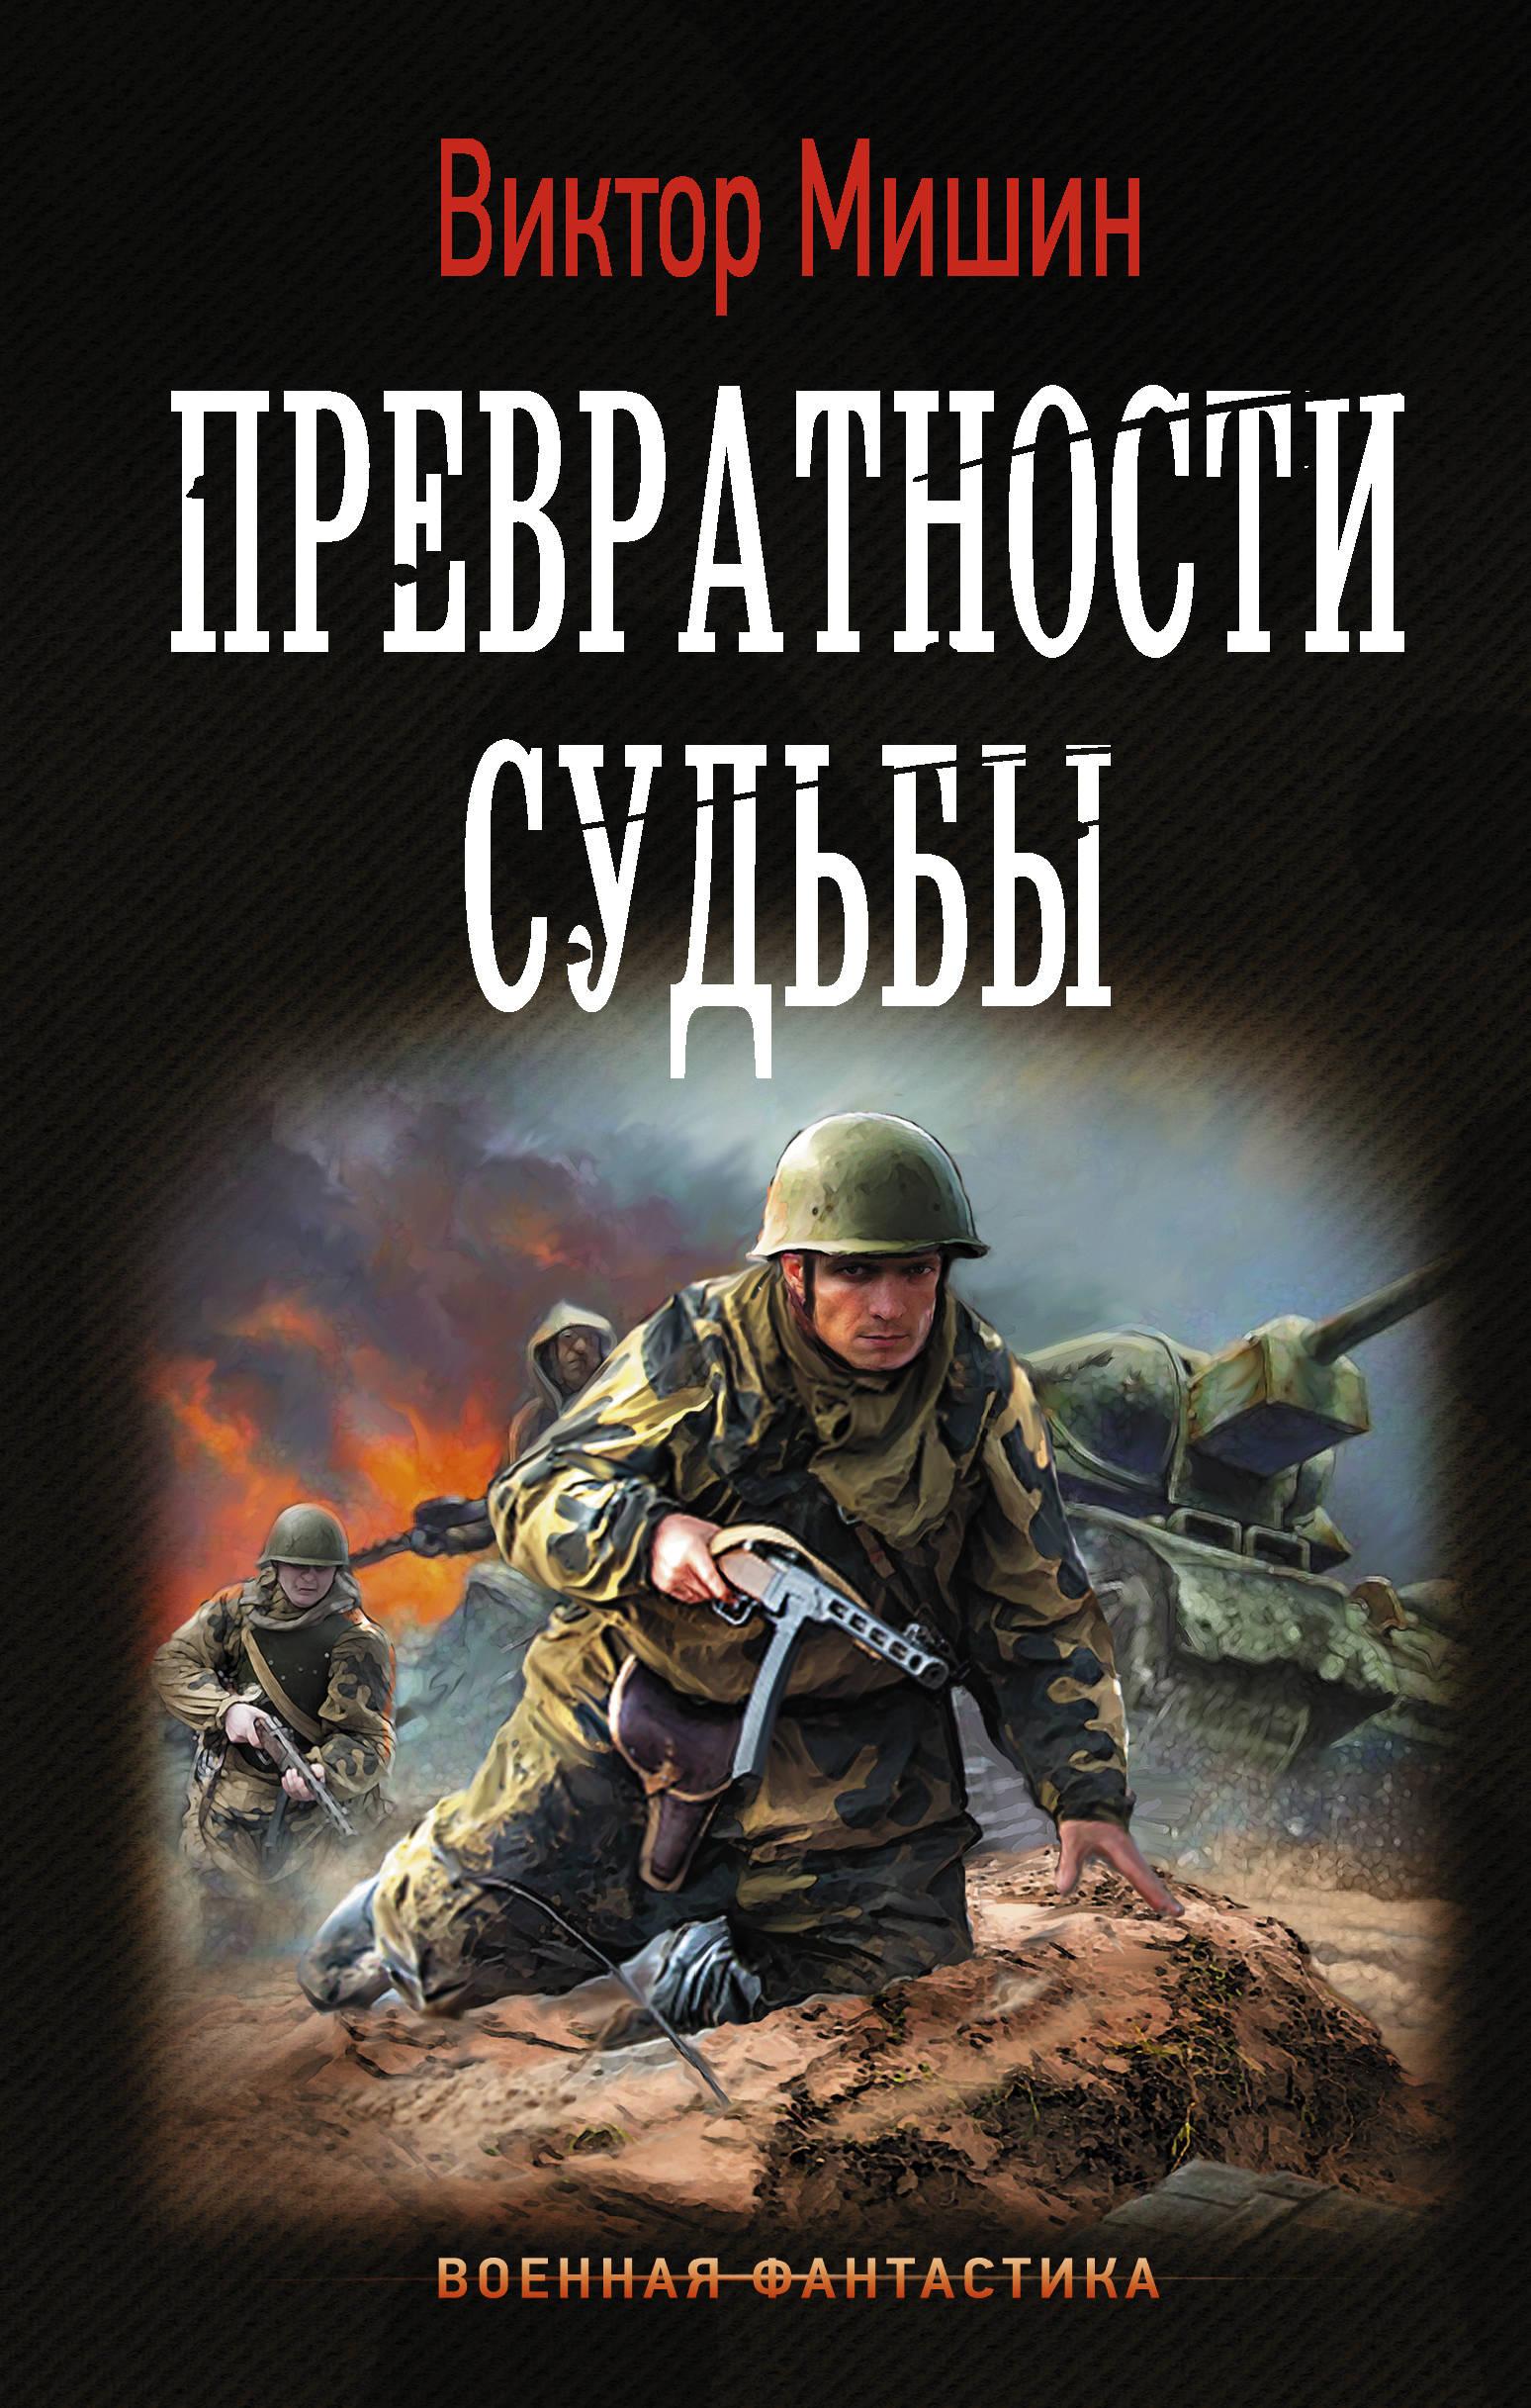 Виктор Мишин «Превратности судьбы»